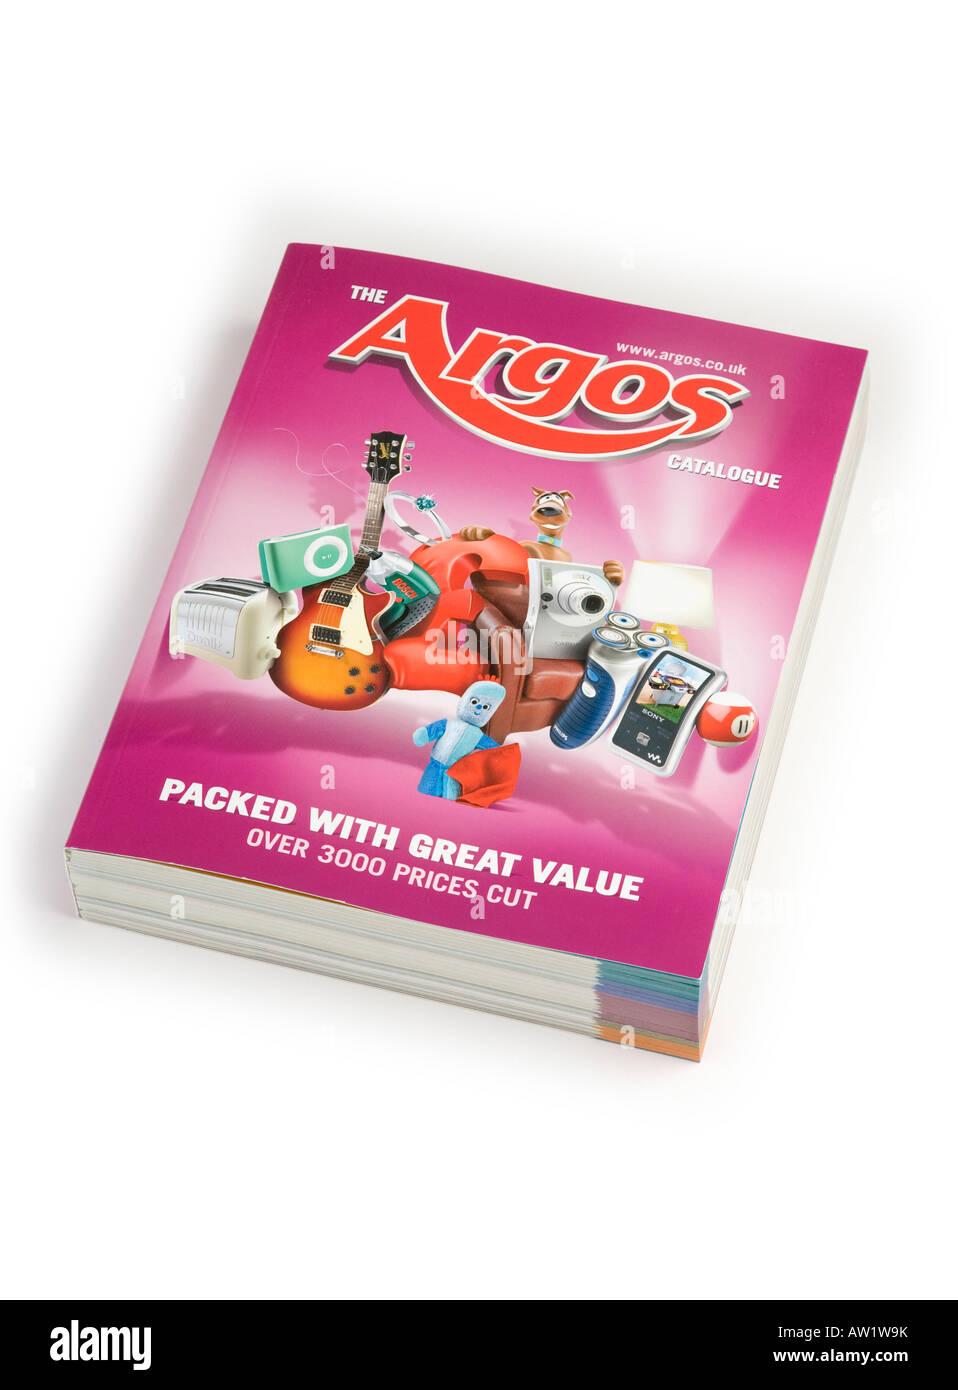 Catalogue Stock Photos & Catalogue Stock Images - Alamy